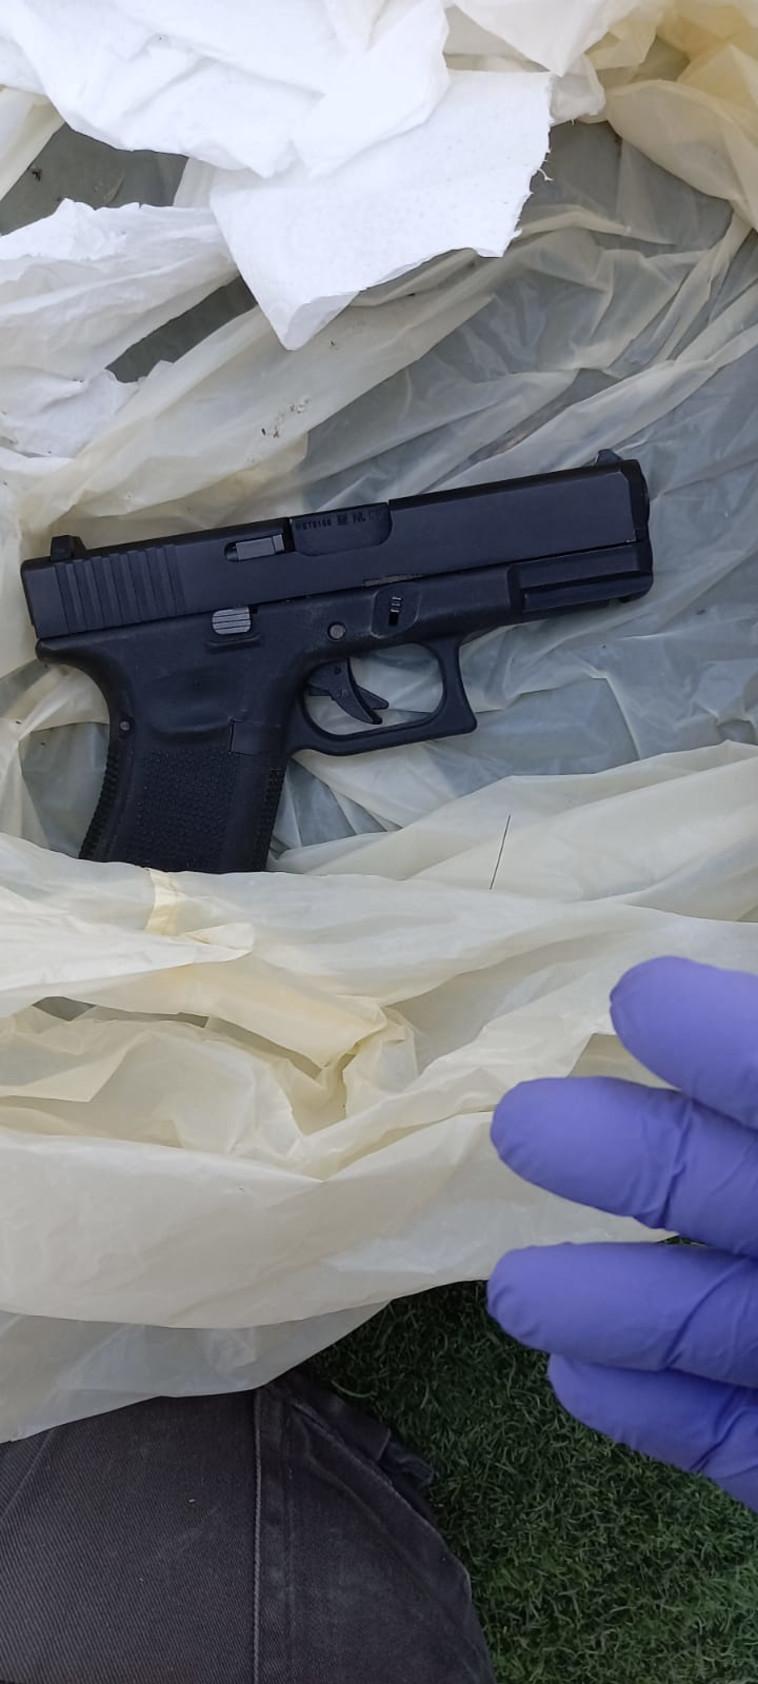 אקדח שנתפס בגן יבנה במהלך המבצע המשטרתי (צילום: דוברות המשטרה)